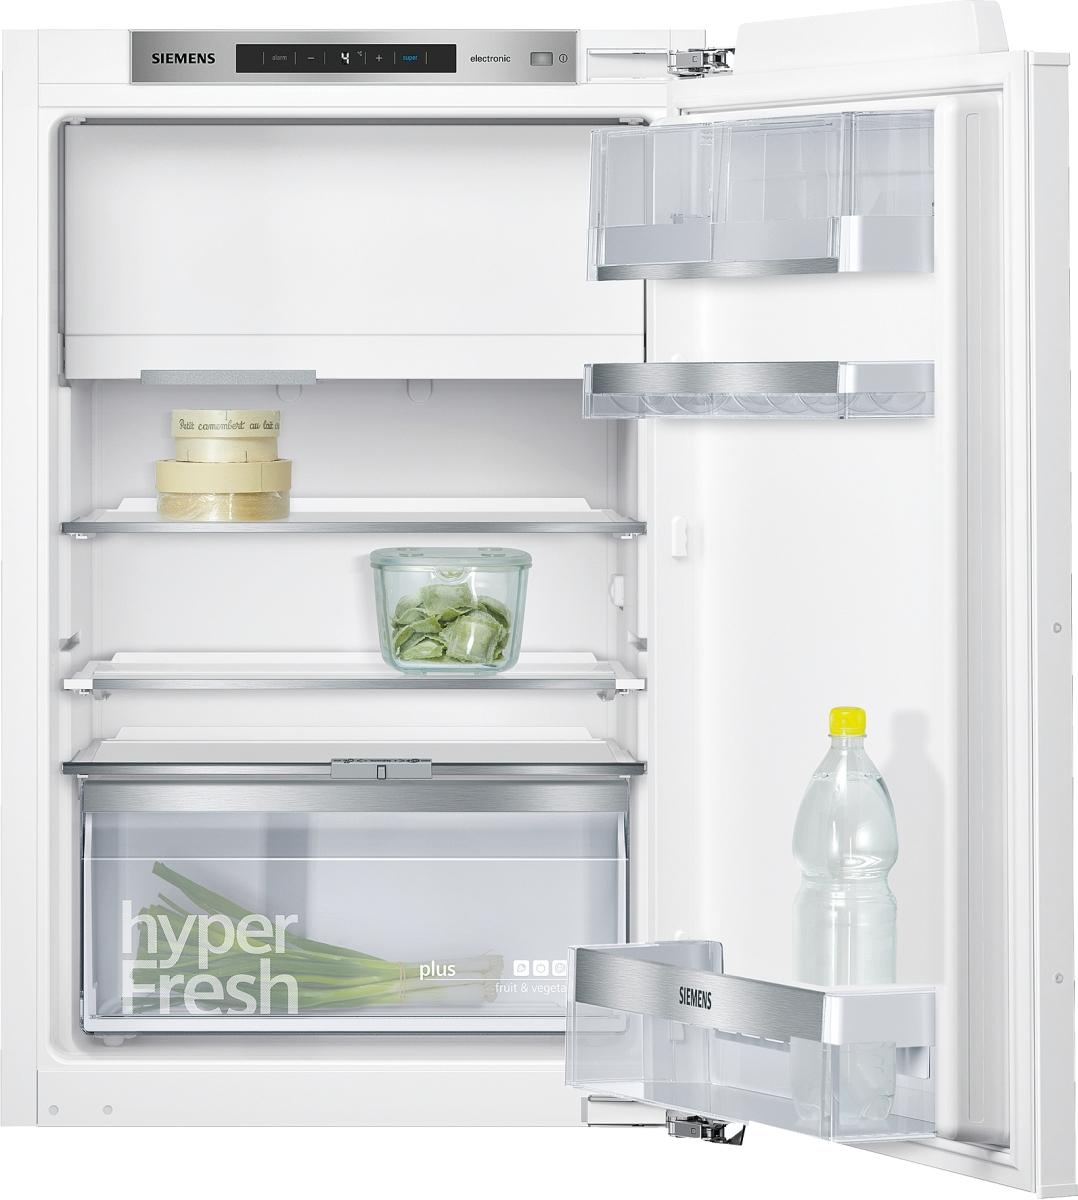 Siemens KI22LADD0 Einbau Kühlschrank mit Gefrierfach 88 cm Nische Flachscharnier hyperFreshPlus